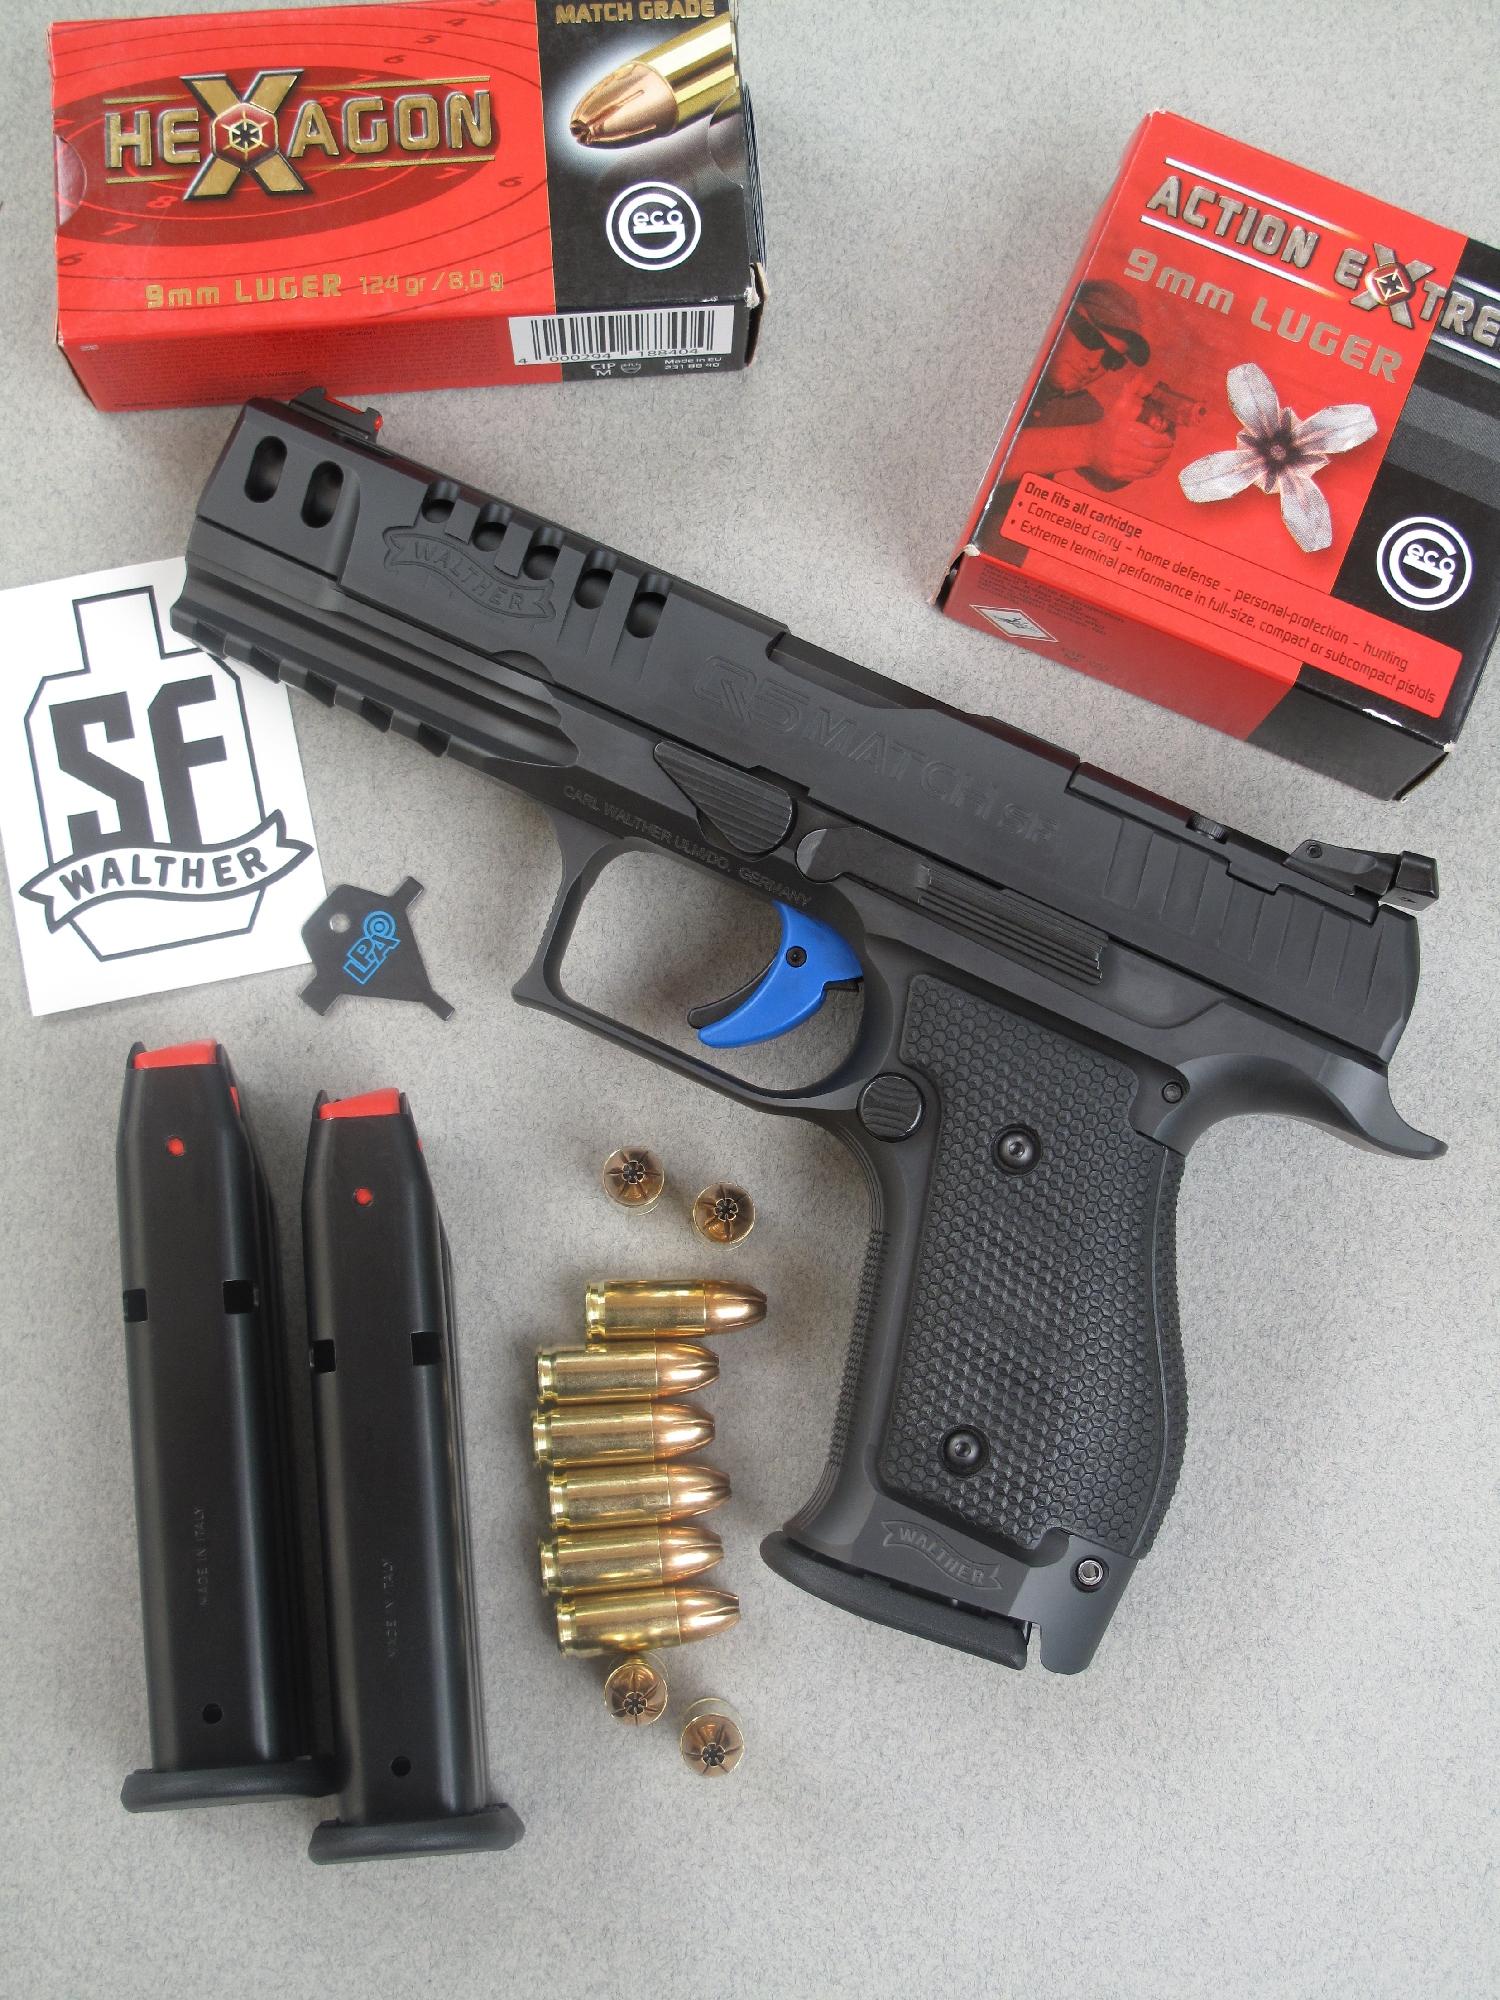 Le pistolet semi-automatique Walther Q5 Match SF est accompagné ici par ses trois chargeurs de quinze coups, des munitions de la firme allemande Geco et par l'outil destiné au réglage de la hausse.